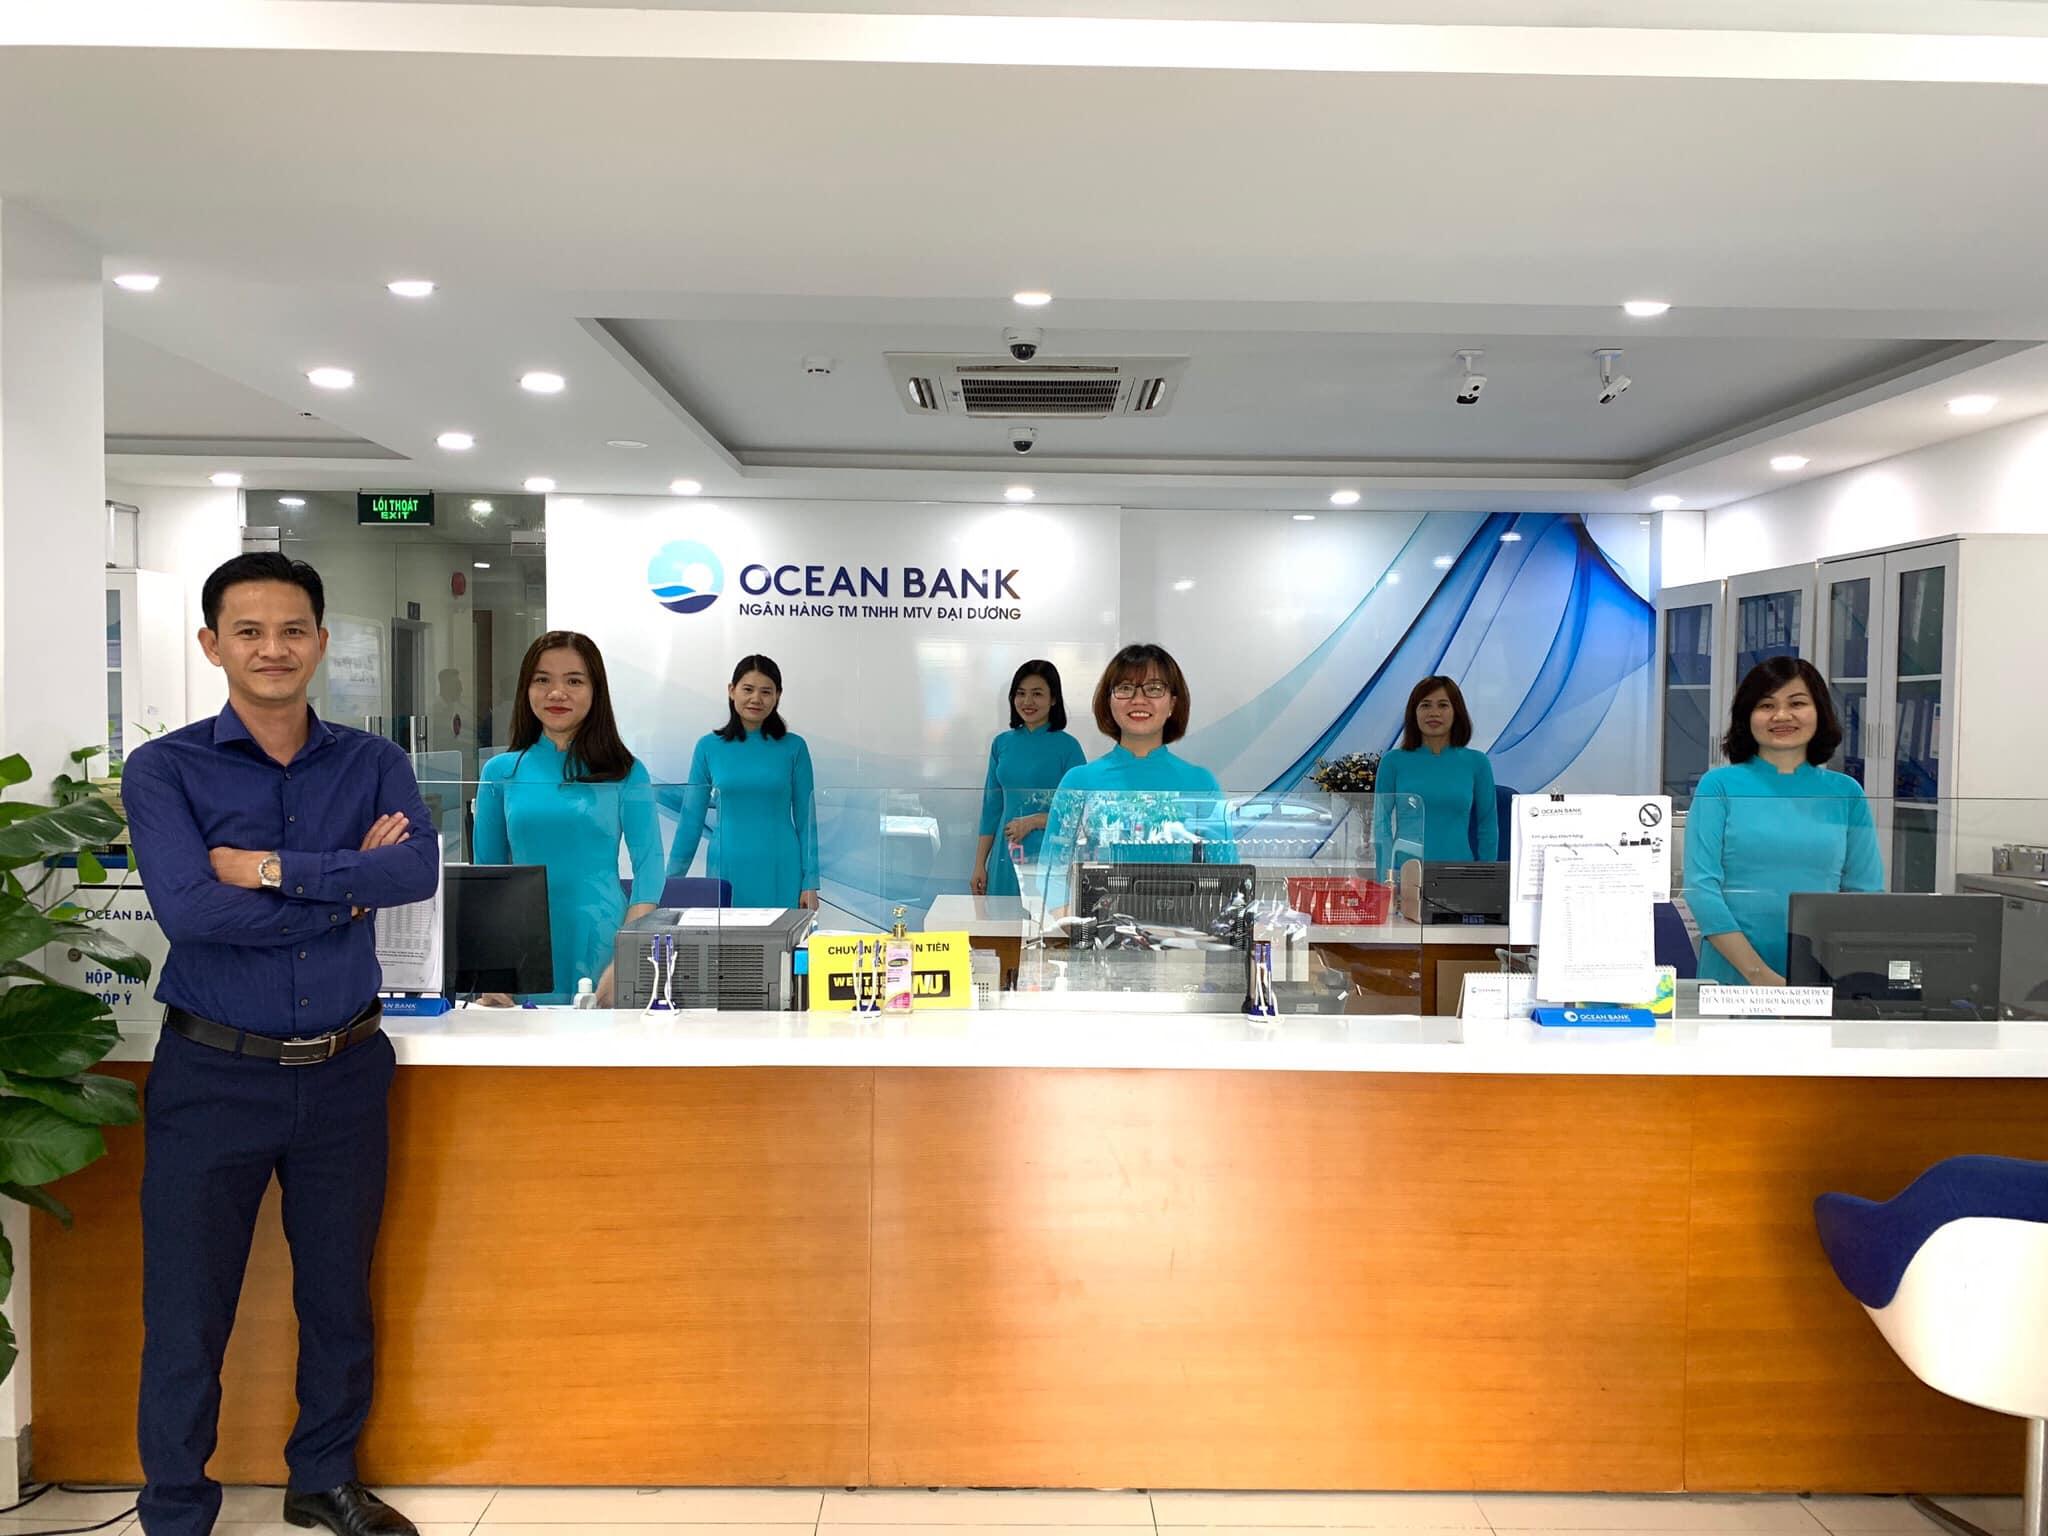 Lãi suất ngân hàng OceanBank mới nhất tháng 2/2021 - Ảnh 1.